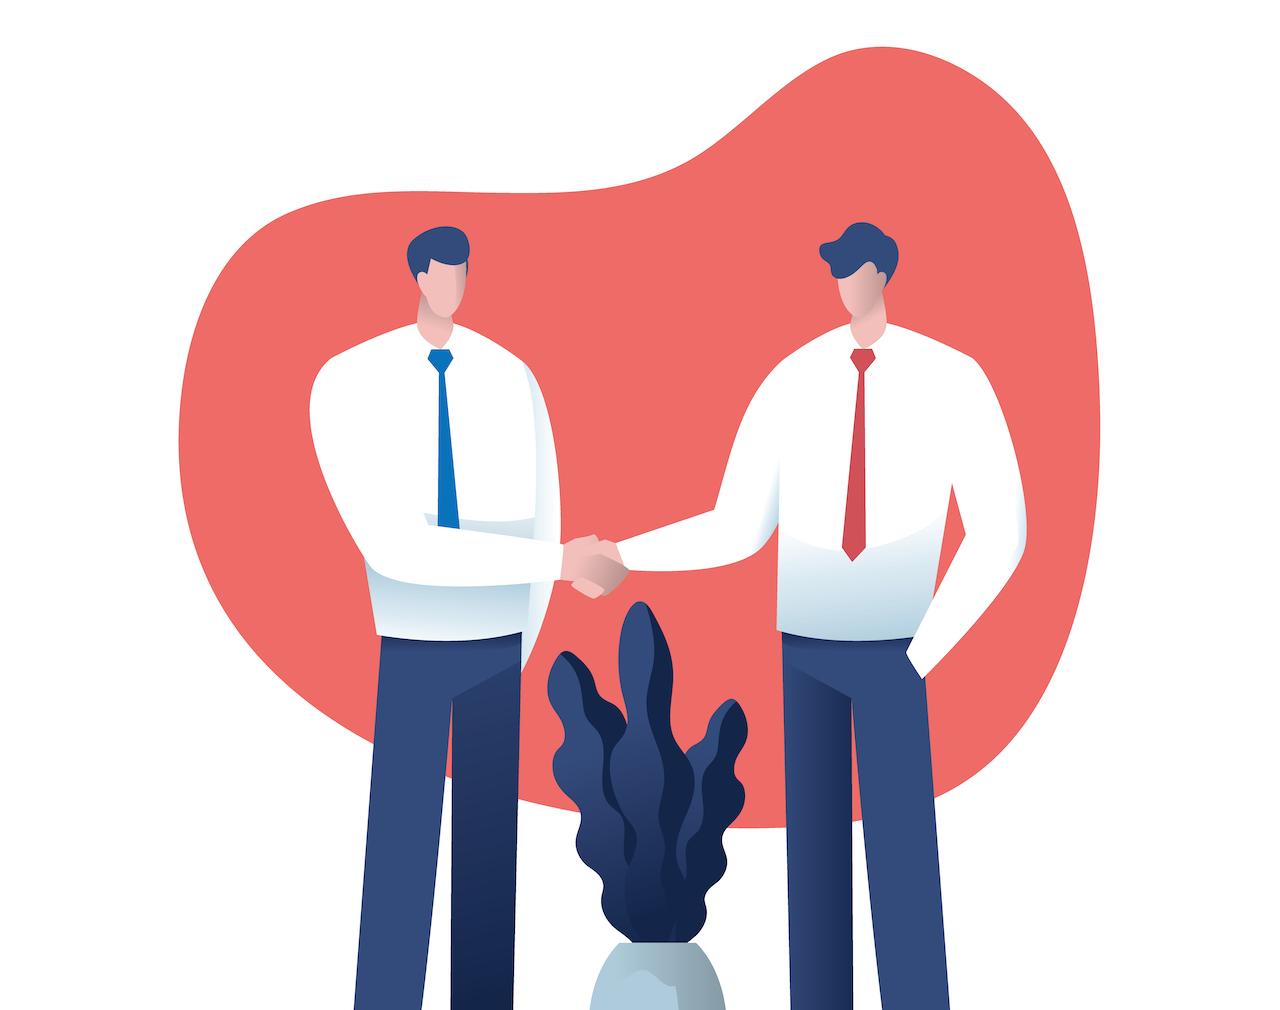 新入社員のモチベーションアップの秘訣は「信頼」がポイント